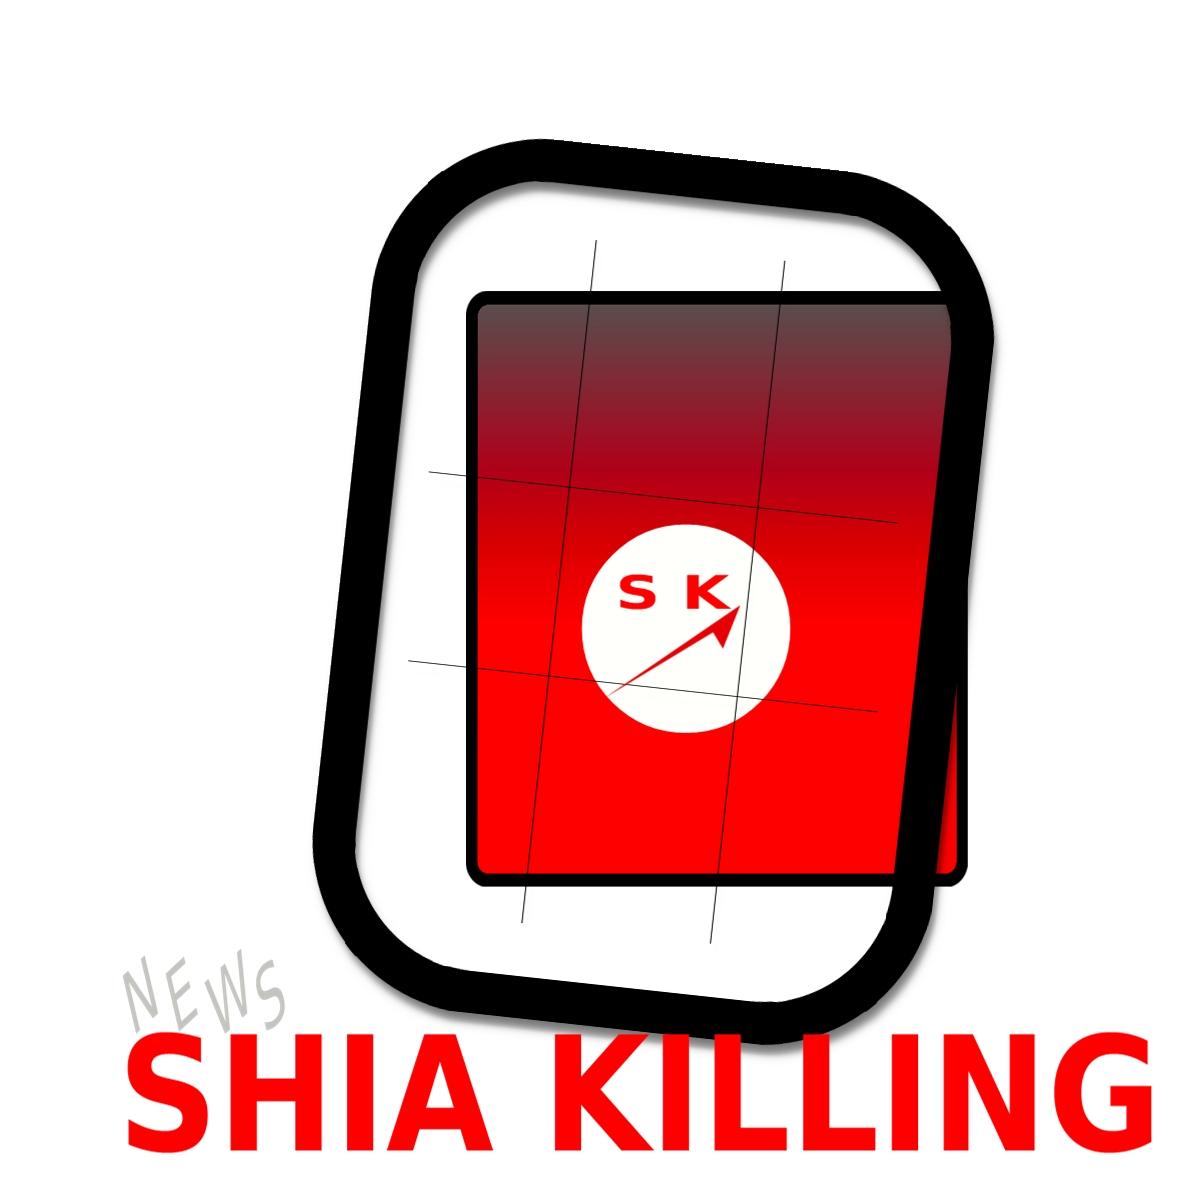 http://3.bp.blogspot.com/--47hptj73hw/UGDMkSCdHjI/AAAAAAAAAcQ/m-wLeP7mRjI/s1600/shiakiiling.jpg